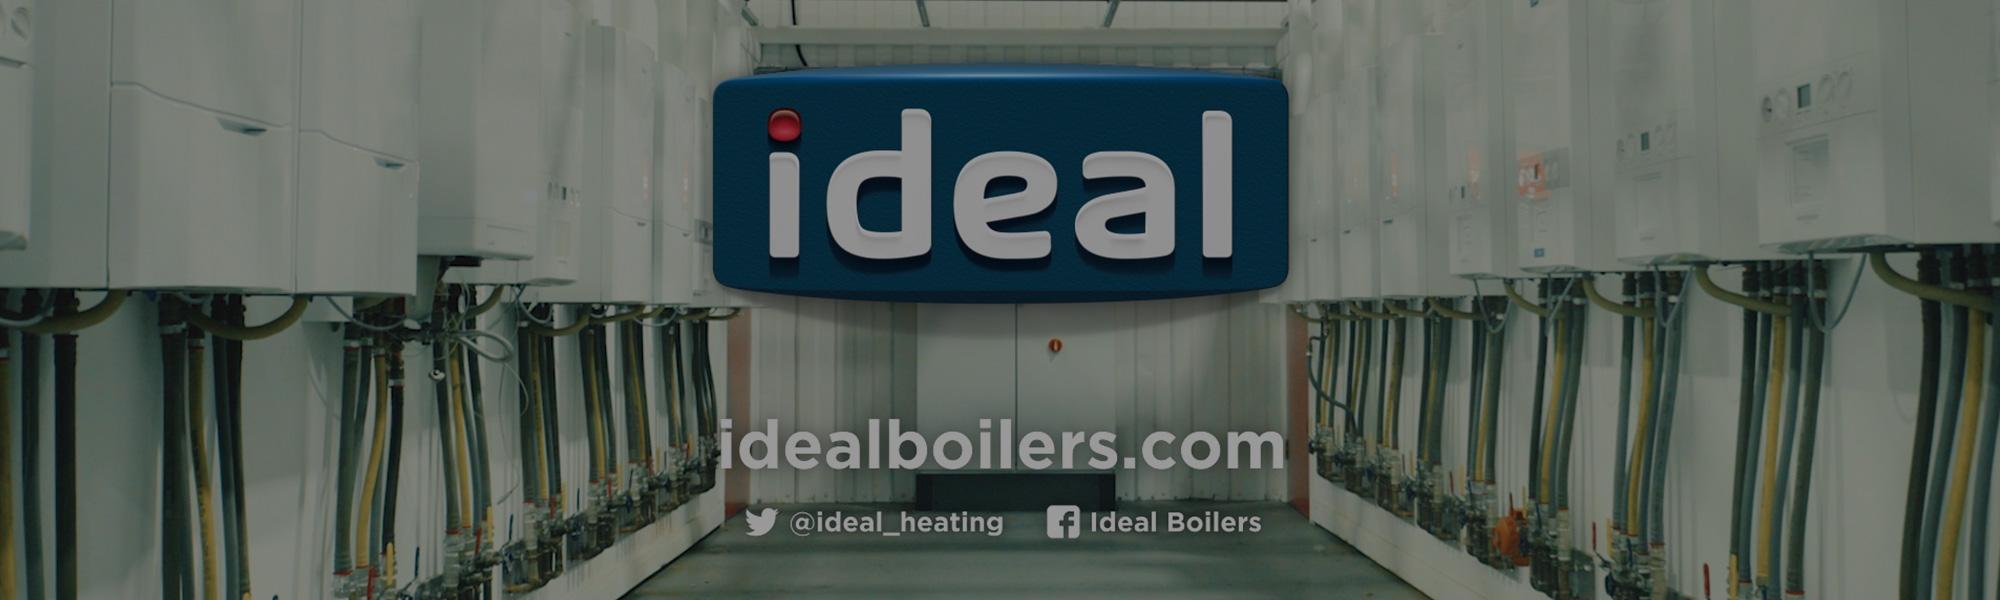 Ideal Boilers R&D Film